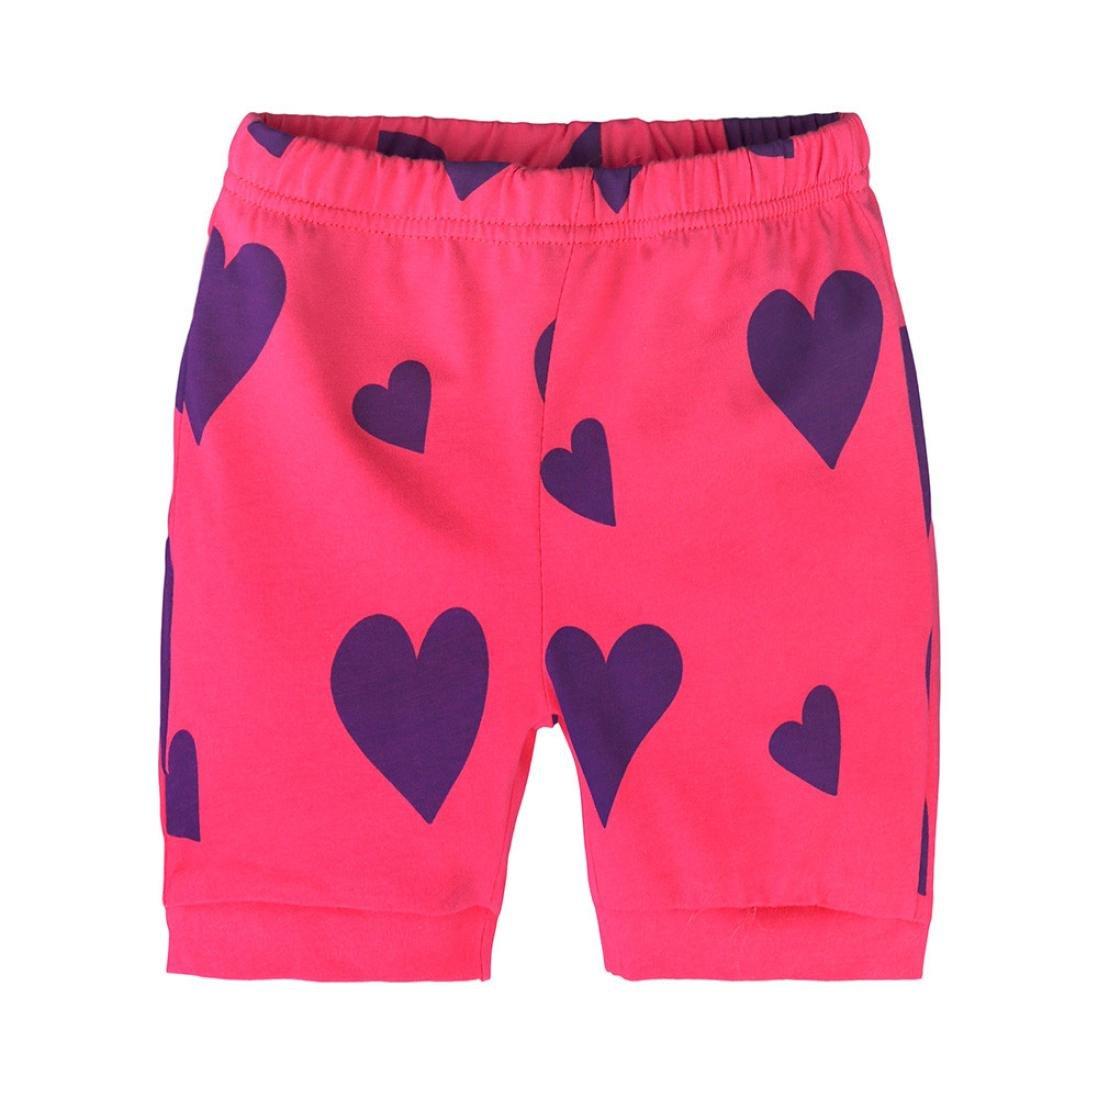 Winsummer Toddler Boys Pajamas Fire Truck 100/% Cotton Kids Train 2 Piece Short Sets Summer Sleepwear Clothes Set 1-7 T